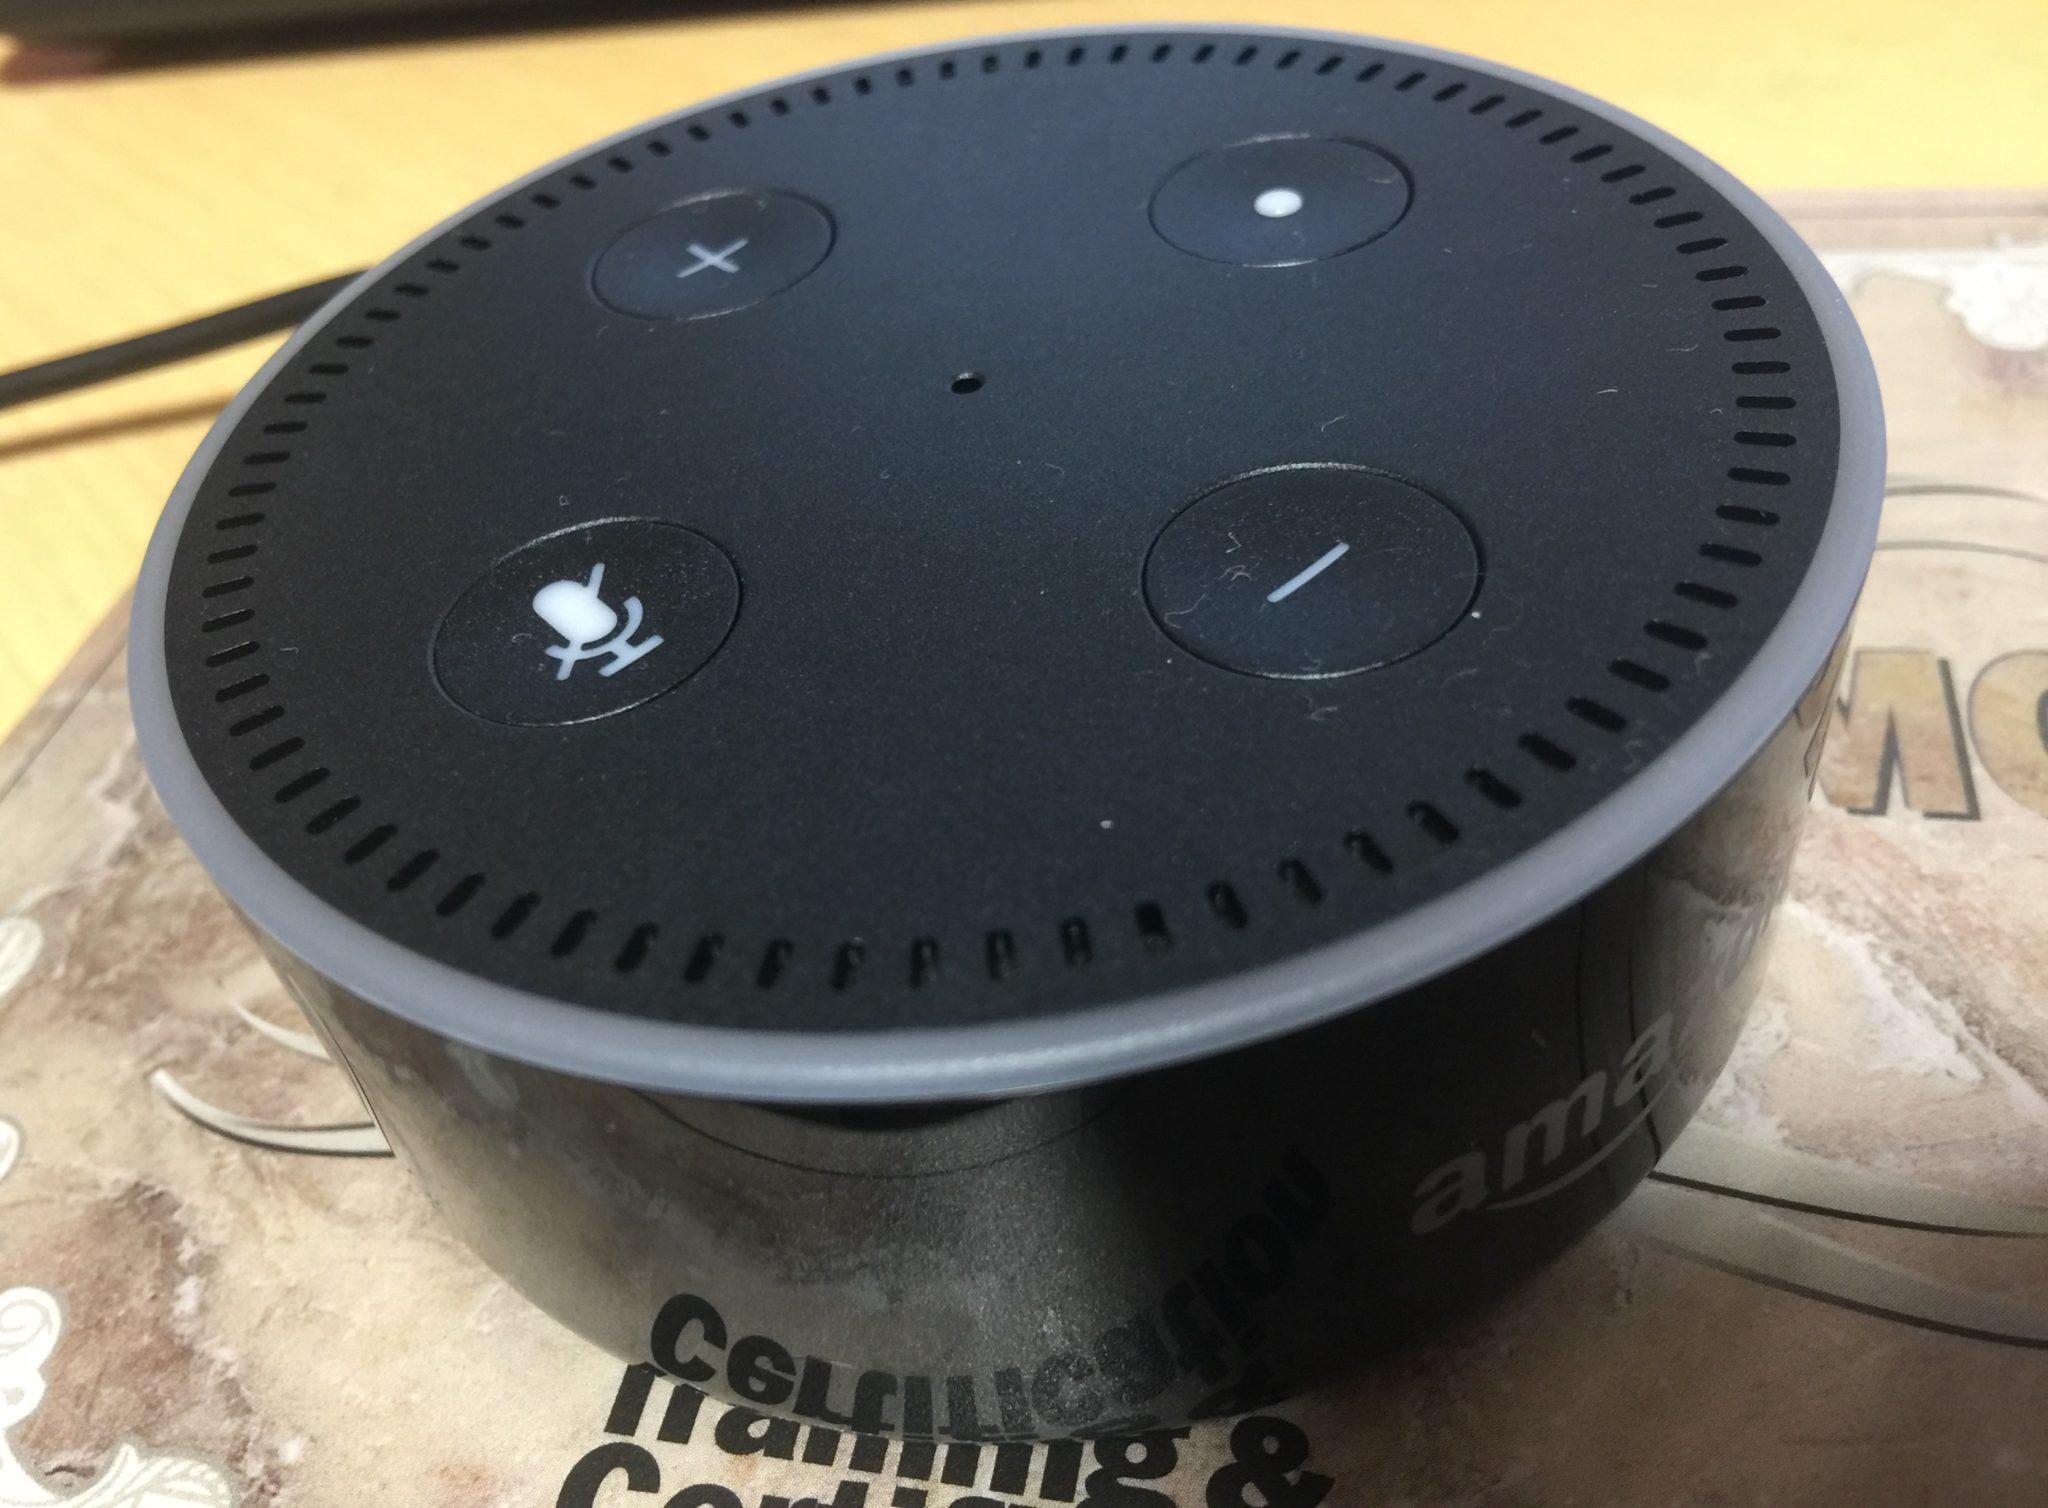 Alexaで遠方の人にコール・メッセージ機能をする方法